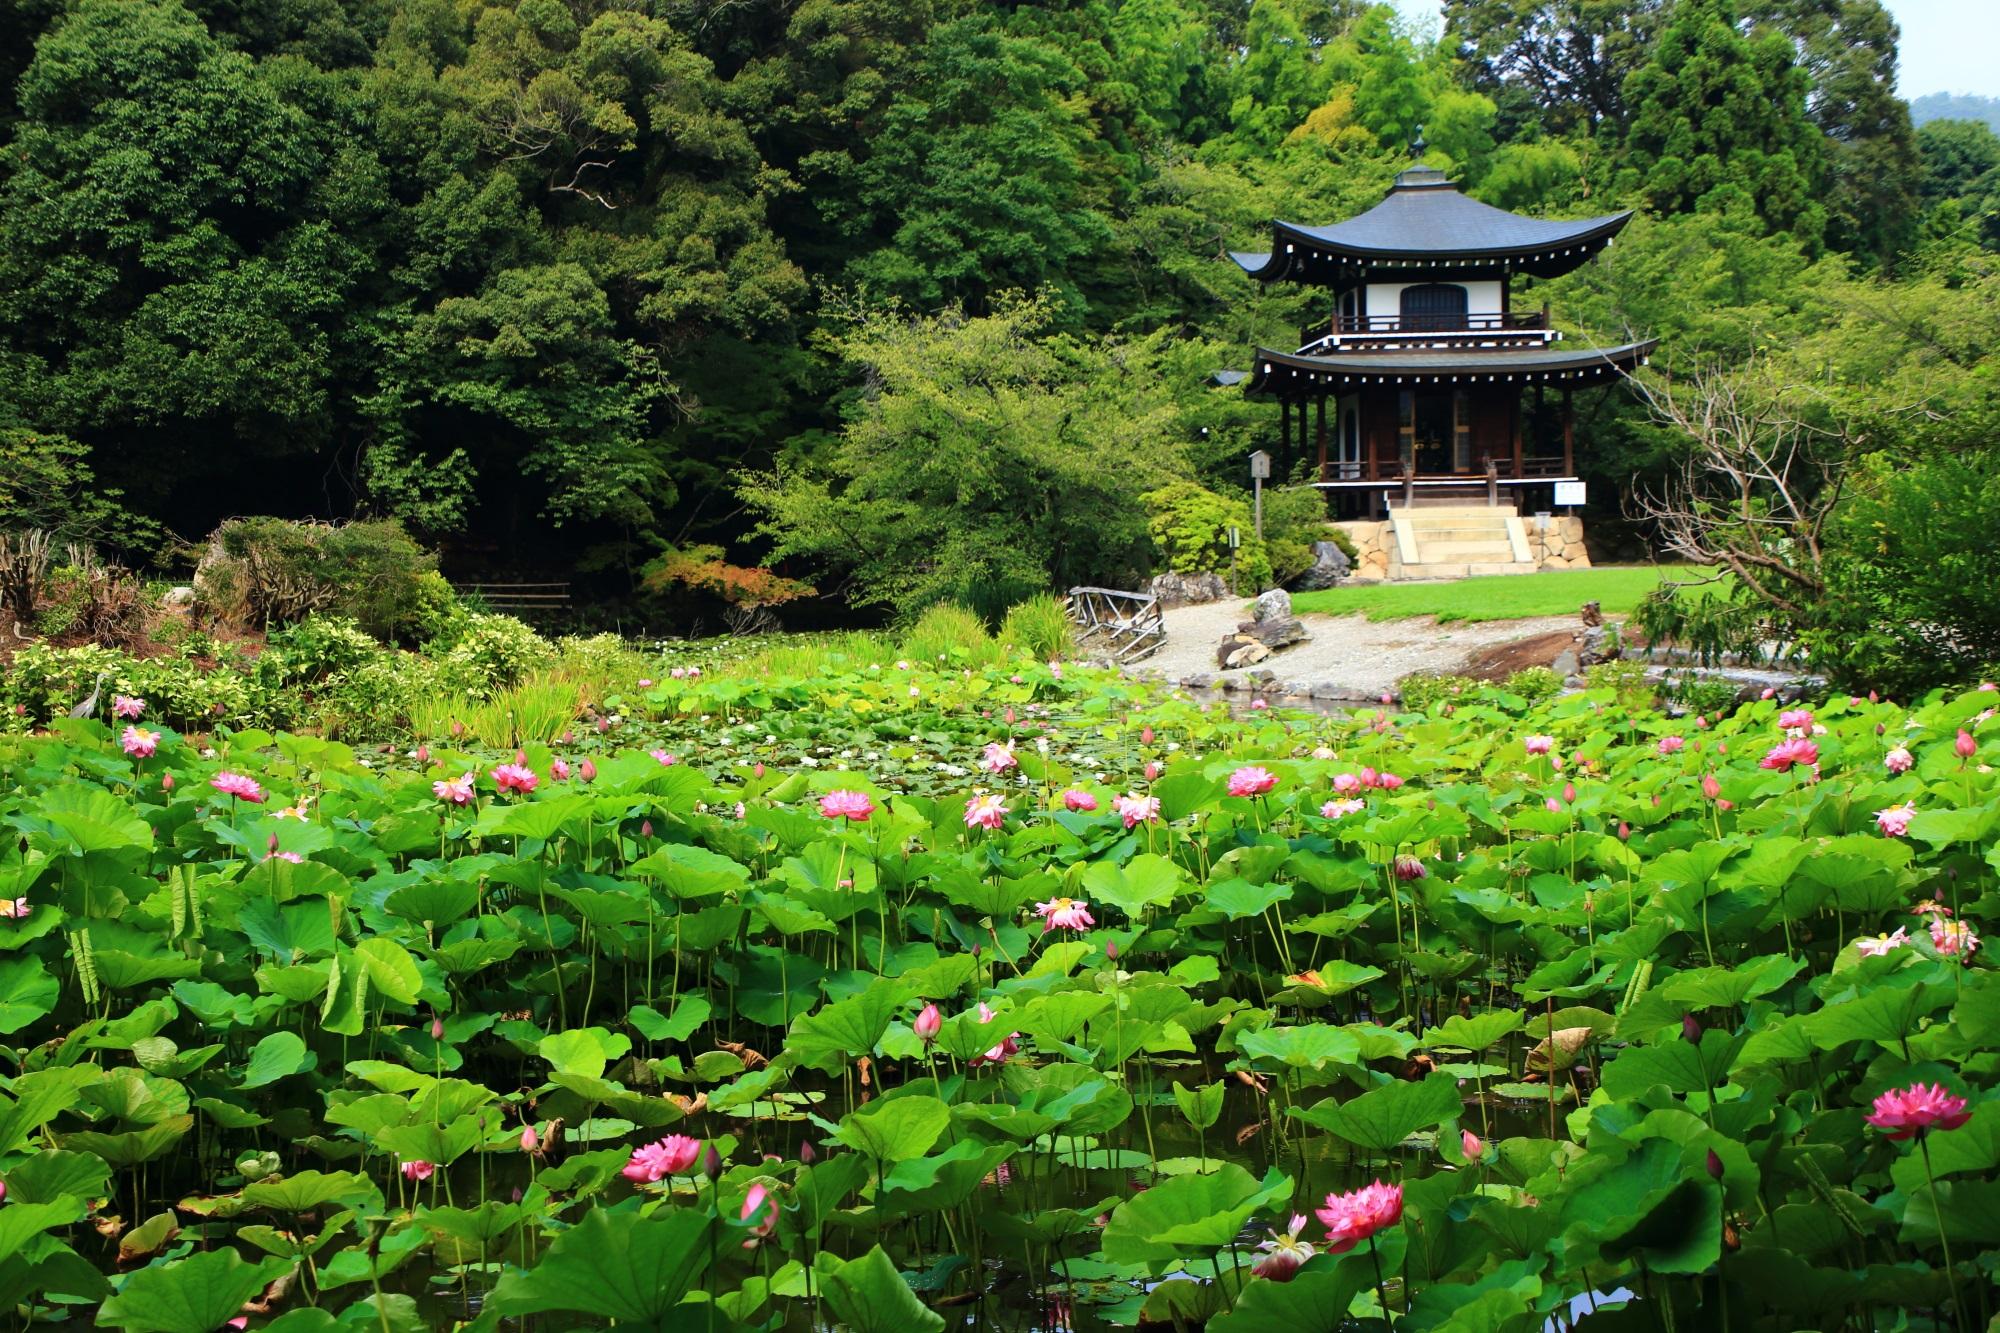 勧修寺 蓮 氷室池の華やかな彩りと溢れる青もみじ